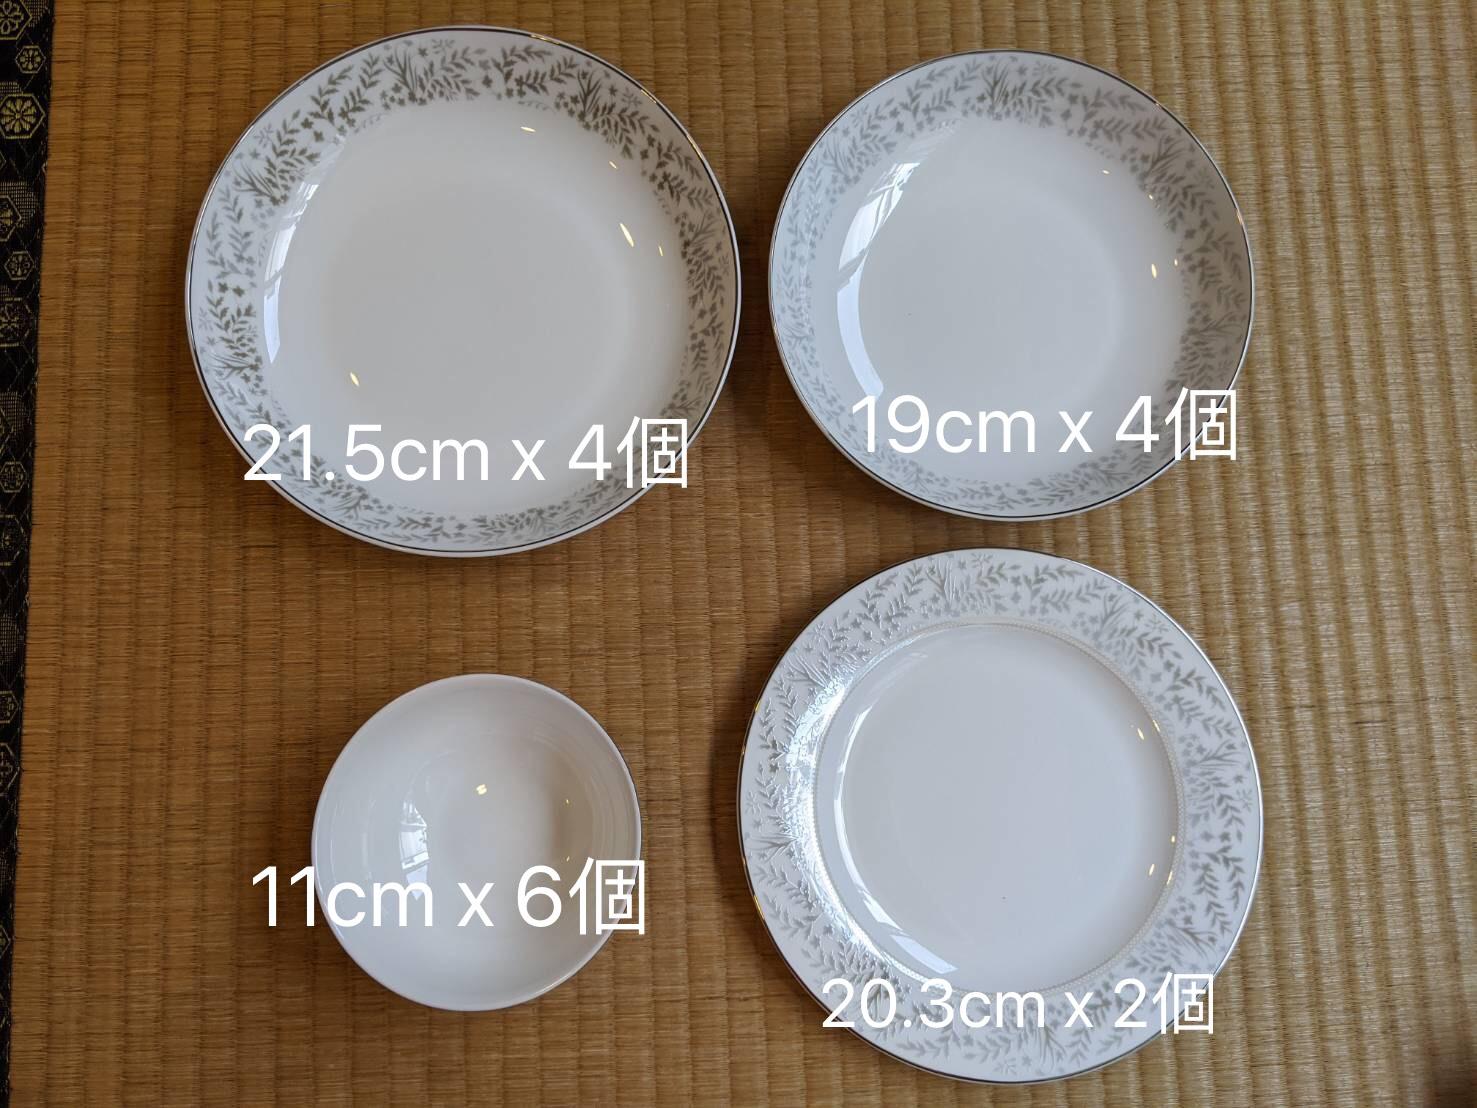 [商業] 全新HOLA瓷器碗盤組(完整盒裝)